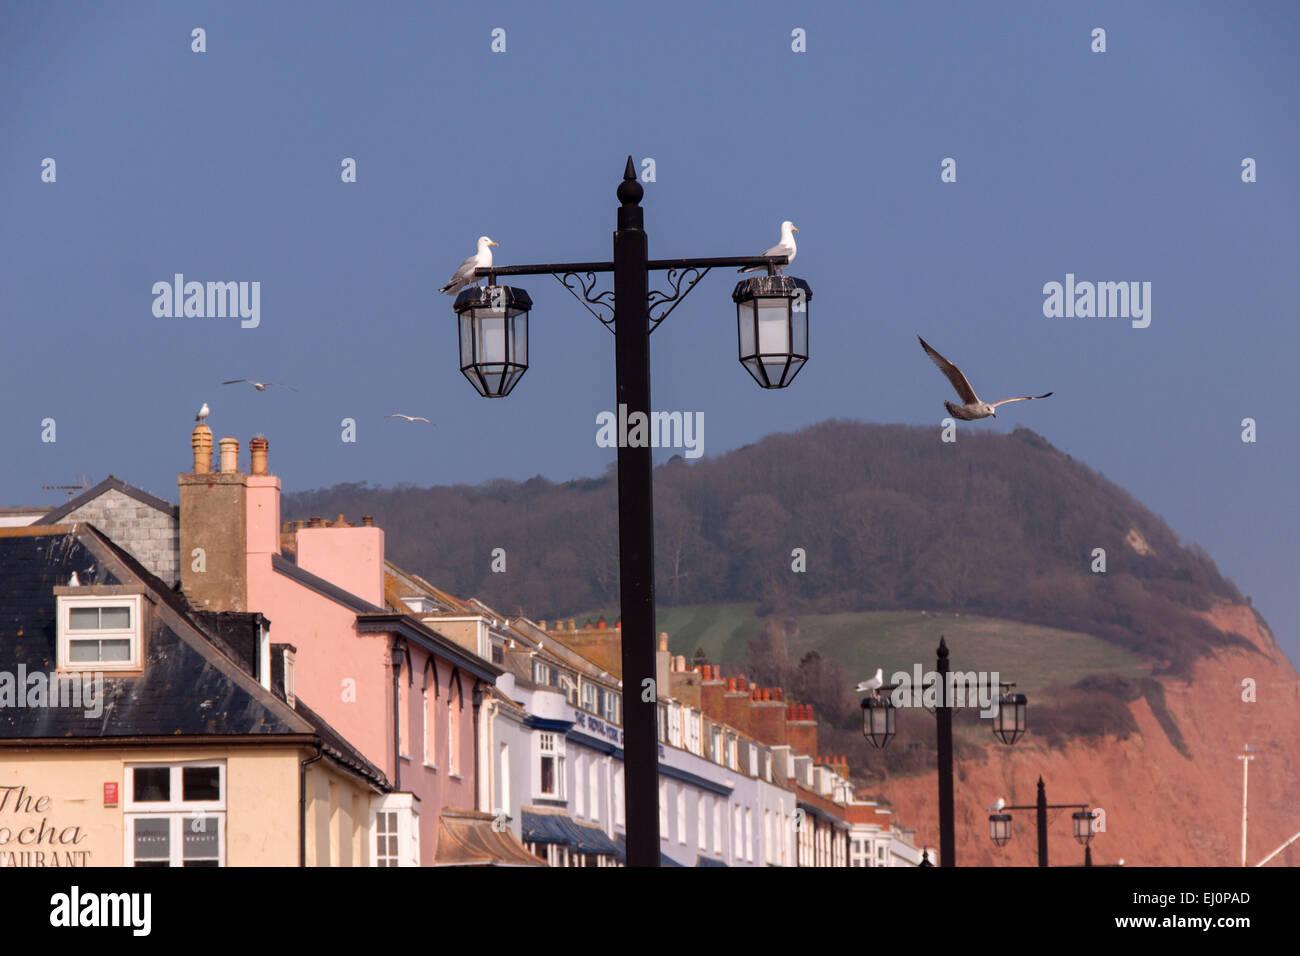 Möwen auf der Esplanade in Sidmouth, Devon - ein ständiges Problem in der Stadt. Falknerei wird verwendet, Stockbild